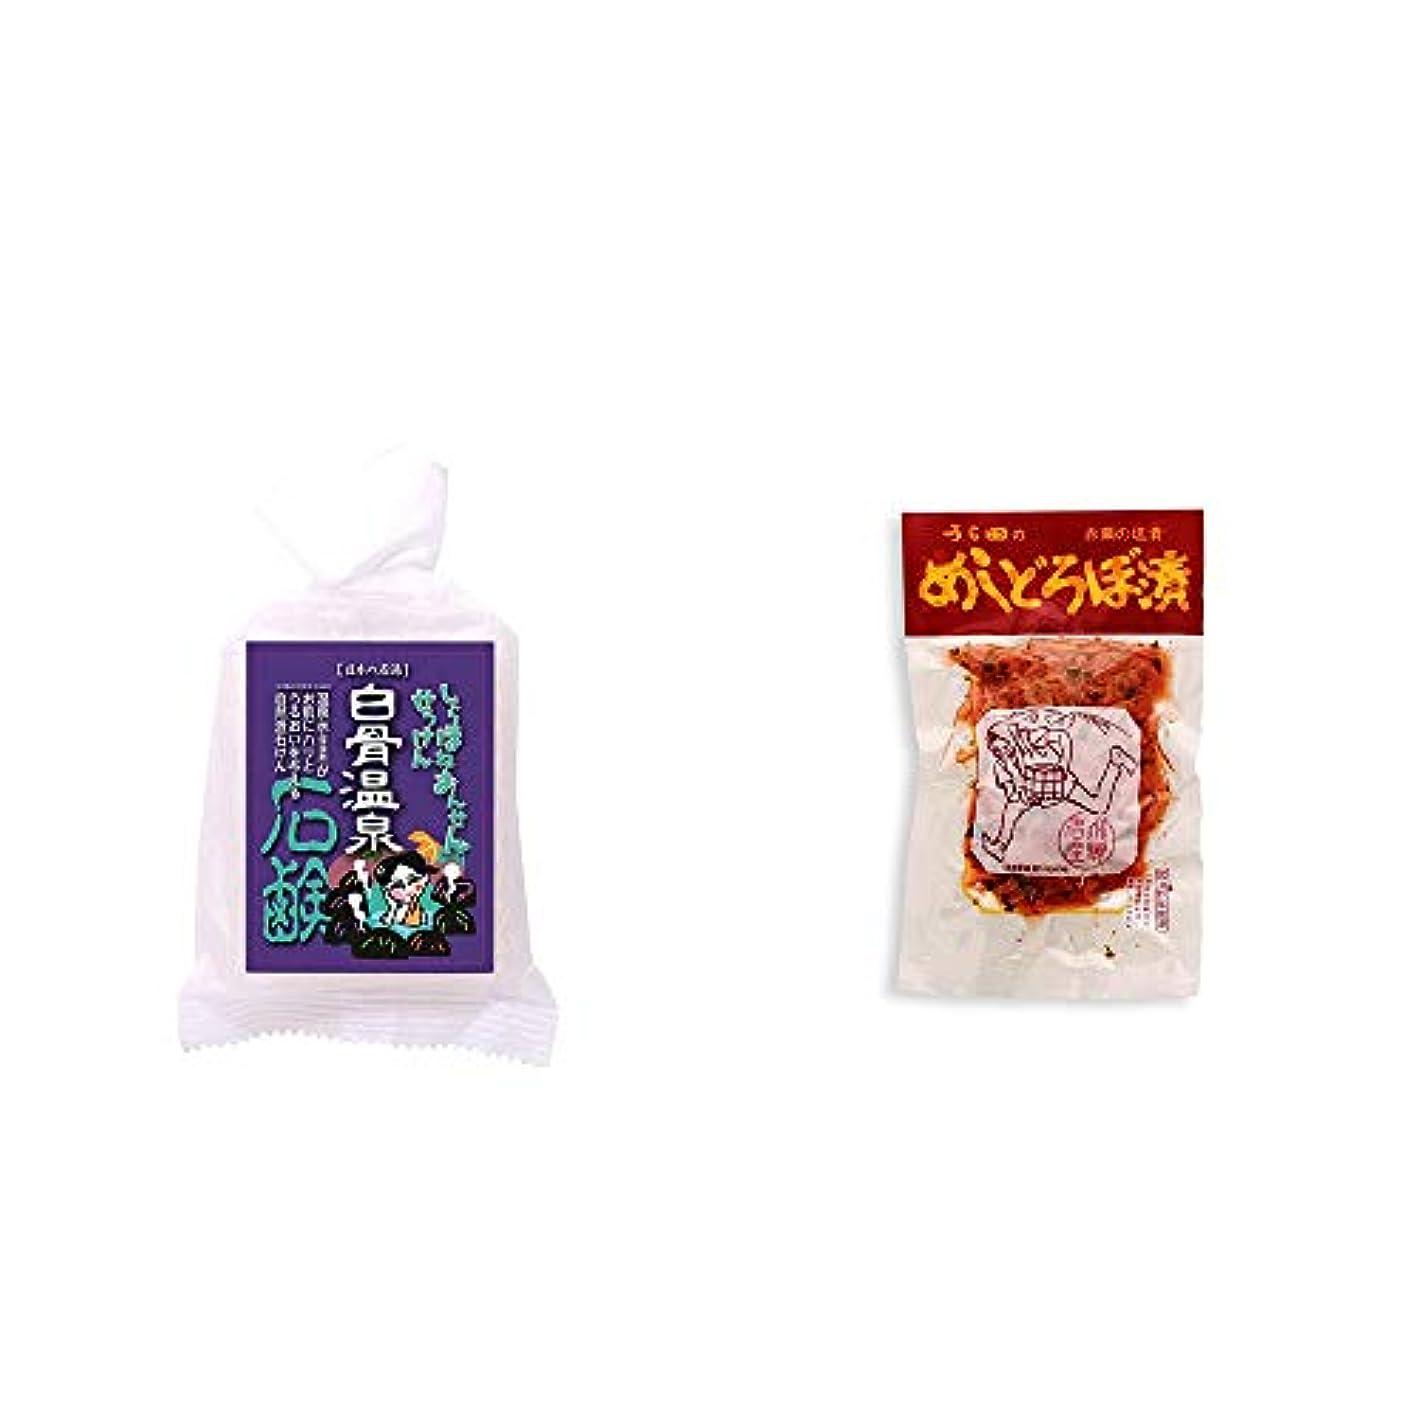 カーフマダム複製[2点セット] 信州 白骨温泉石鹸(80g)?うら田 めしどろぼ漬(180g)